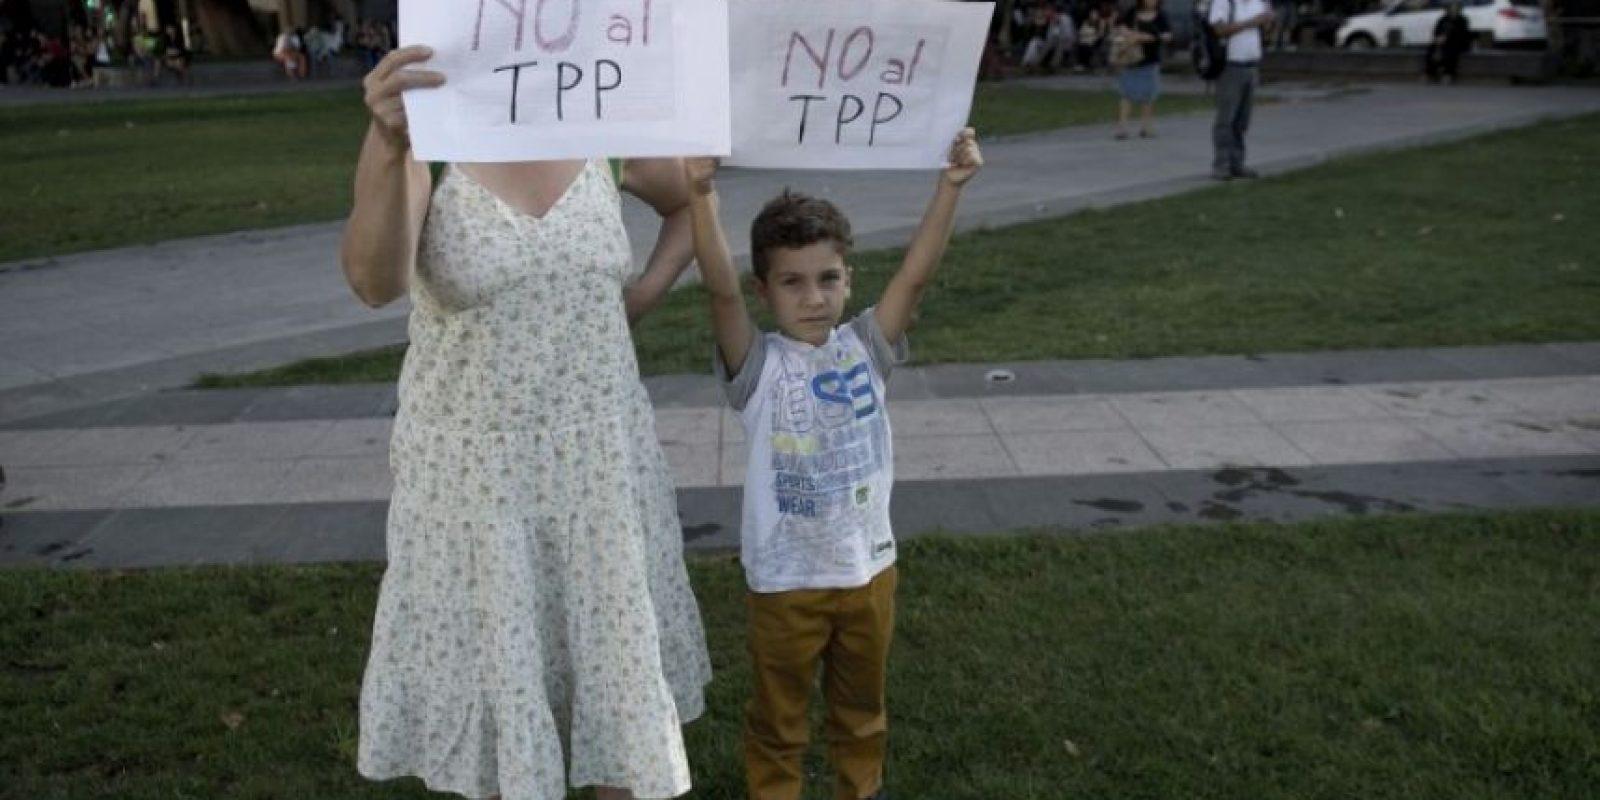 El TPP ahora será sometido a un periodo de ratificación de dos años en los que al menos seis naciones deben aprobar el texto final para que el pacto se implemente. Foto:AFP